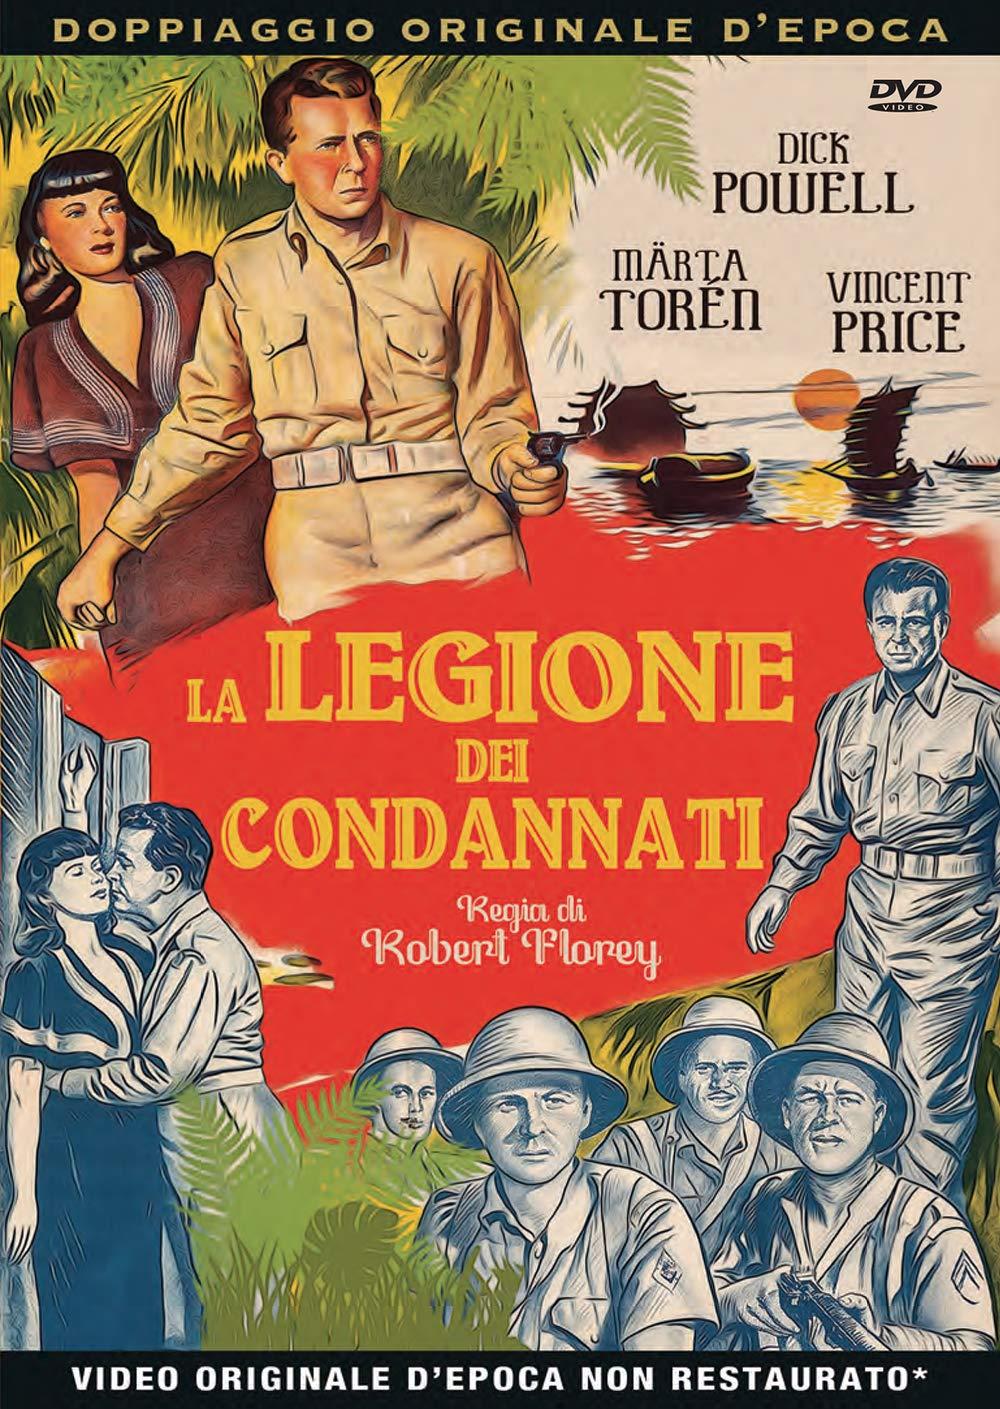 LA LEGIONE DEI CONDANNATI (DVD)